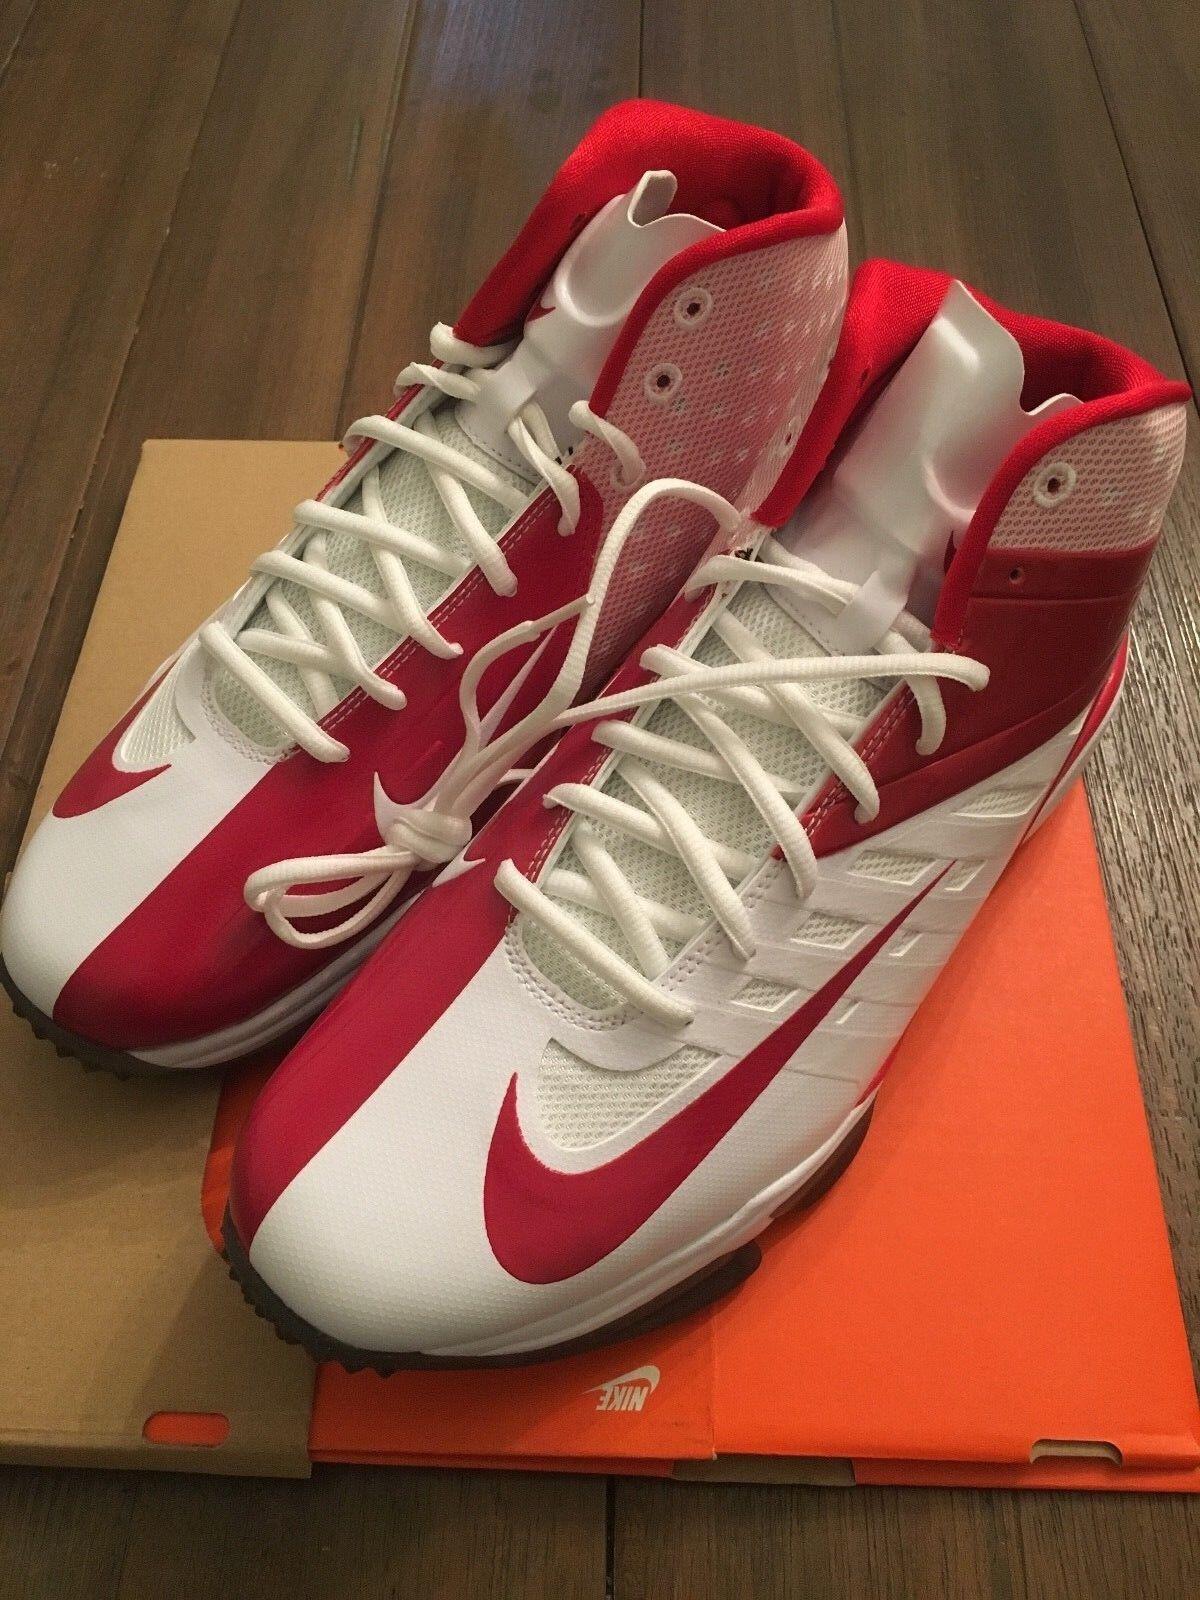 NEW MEN'S NIKE VAPOR PRO 3 4 NUBBY FOOTBALL Lacrosse 527878-166 RED WHITE Turf